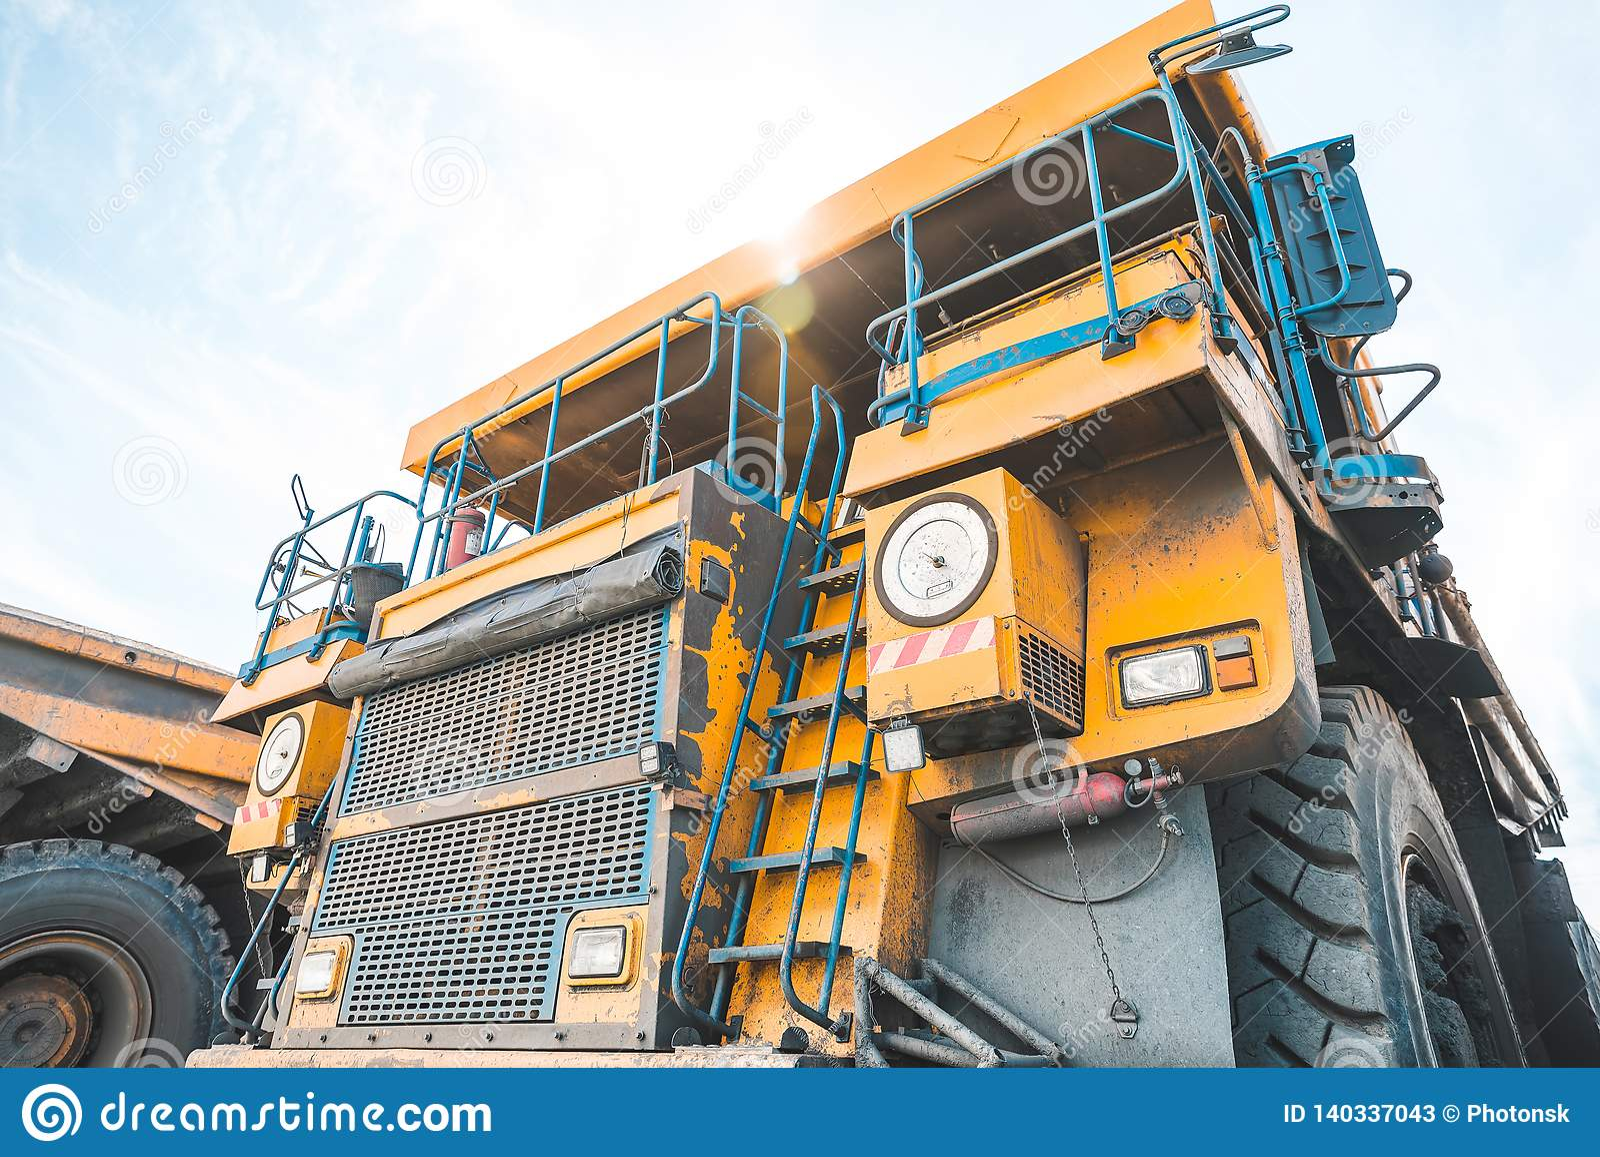 Stor villebråddumper Ladda vagga i dumper Ladda kol in i kropp åka lastbil Användbara mineraler för produktion bryta